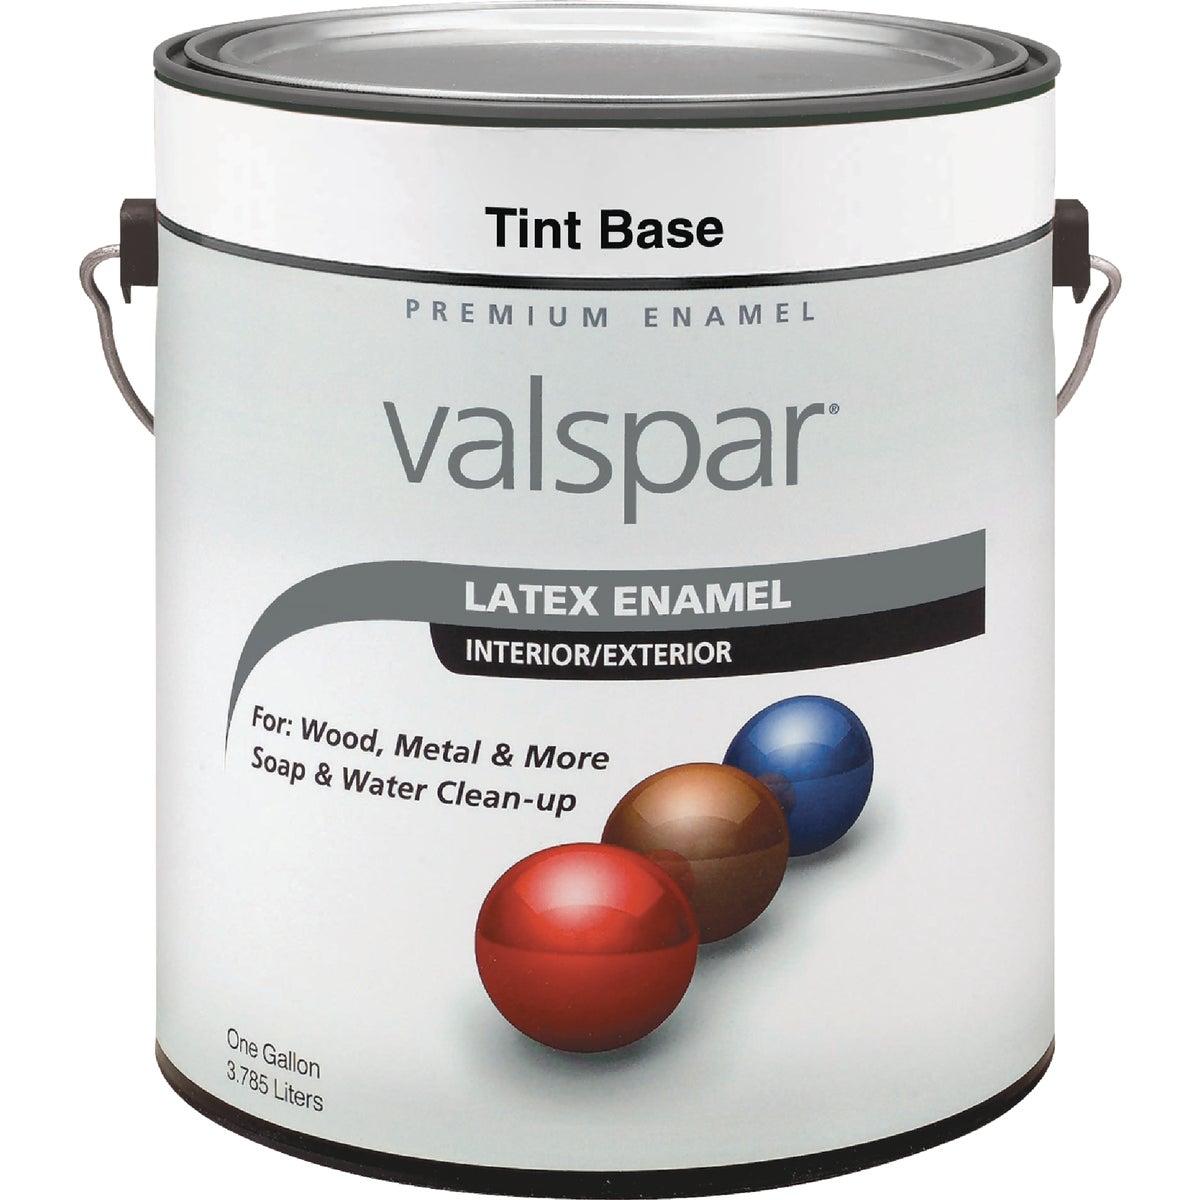 GLS LTX TINT BASE ENAMEL - 410.0065102.007 by Valspar Corp